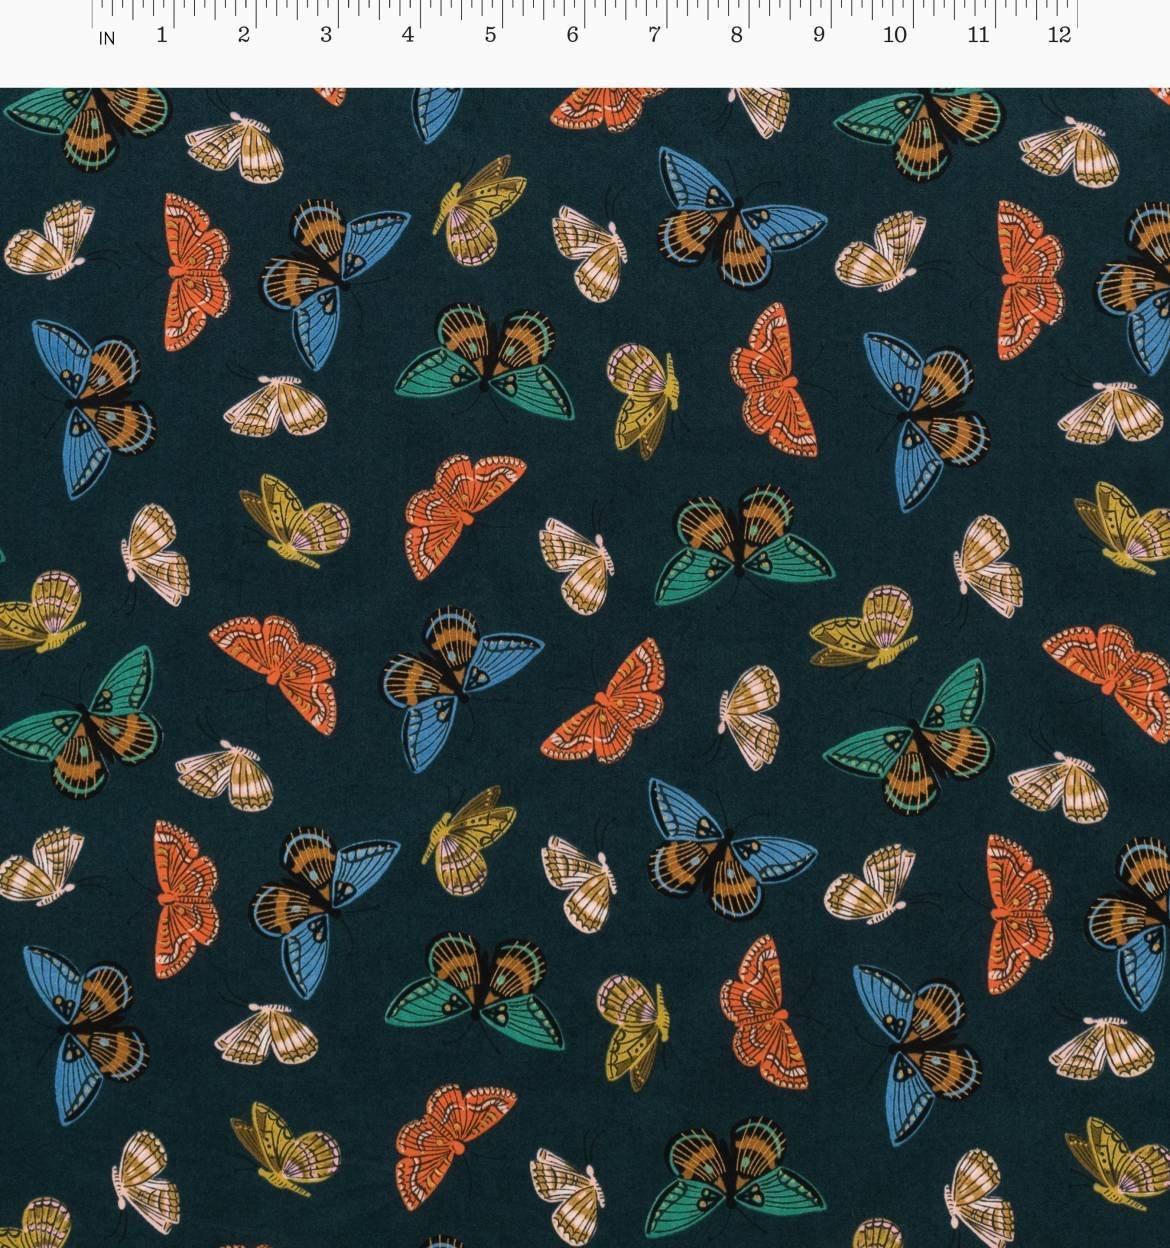 Cotton + Steel - English Garden - Cotton Lawn - Monarch (Navy)